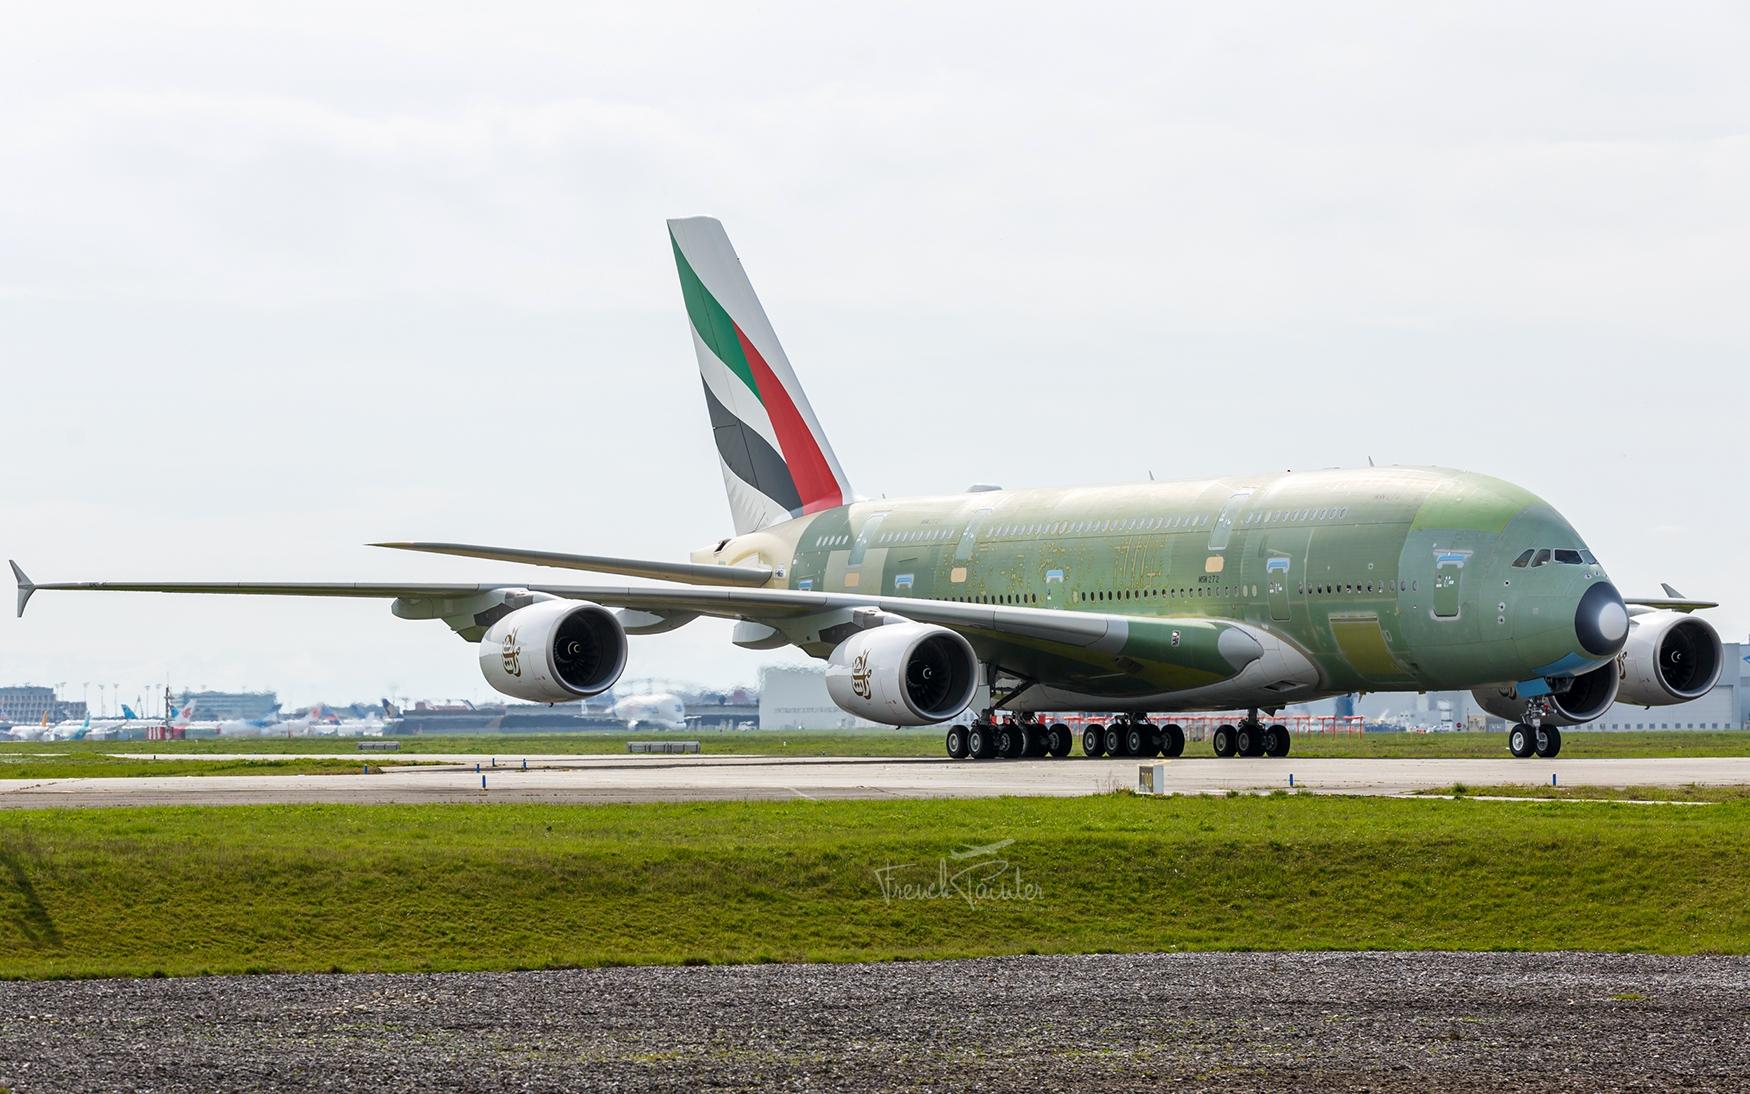 多图:最后一架A380首次启动引擎进行滑行测试